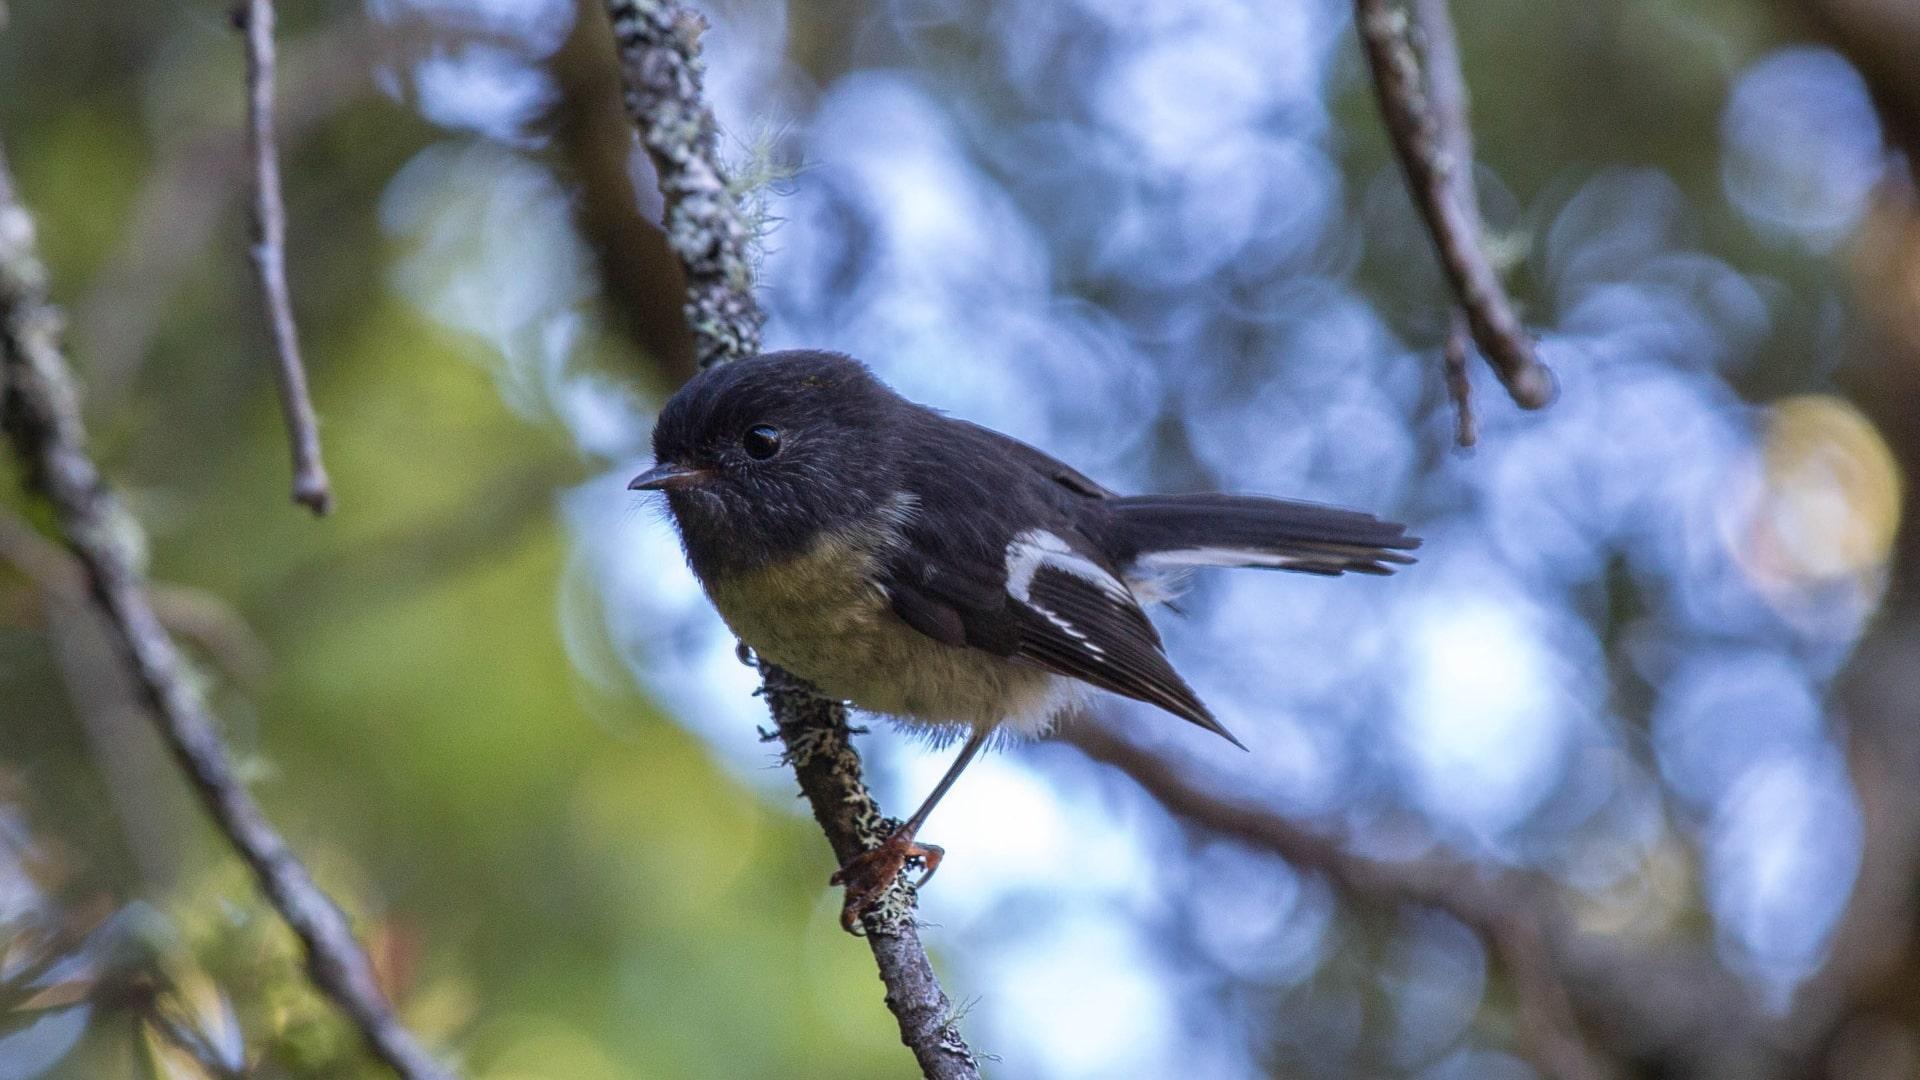 Непредсказуемая жизнь увеличила мозг островных птиц